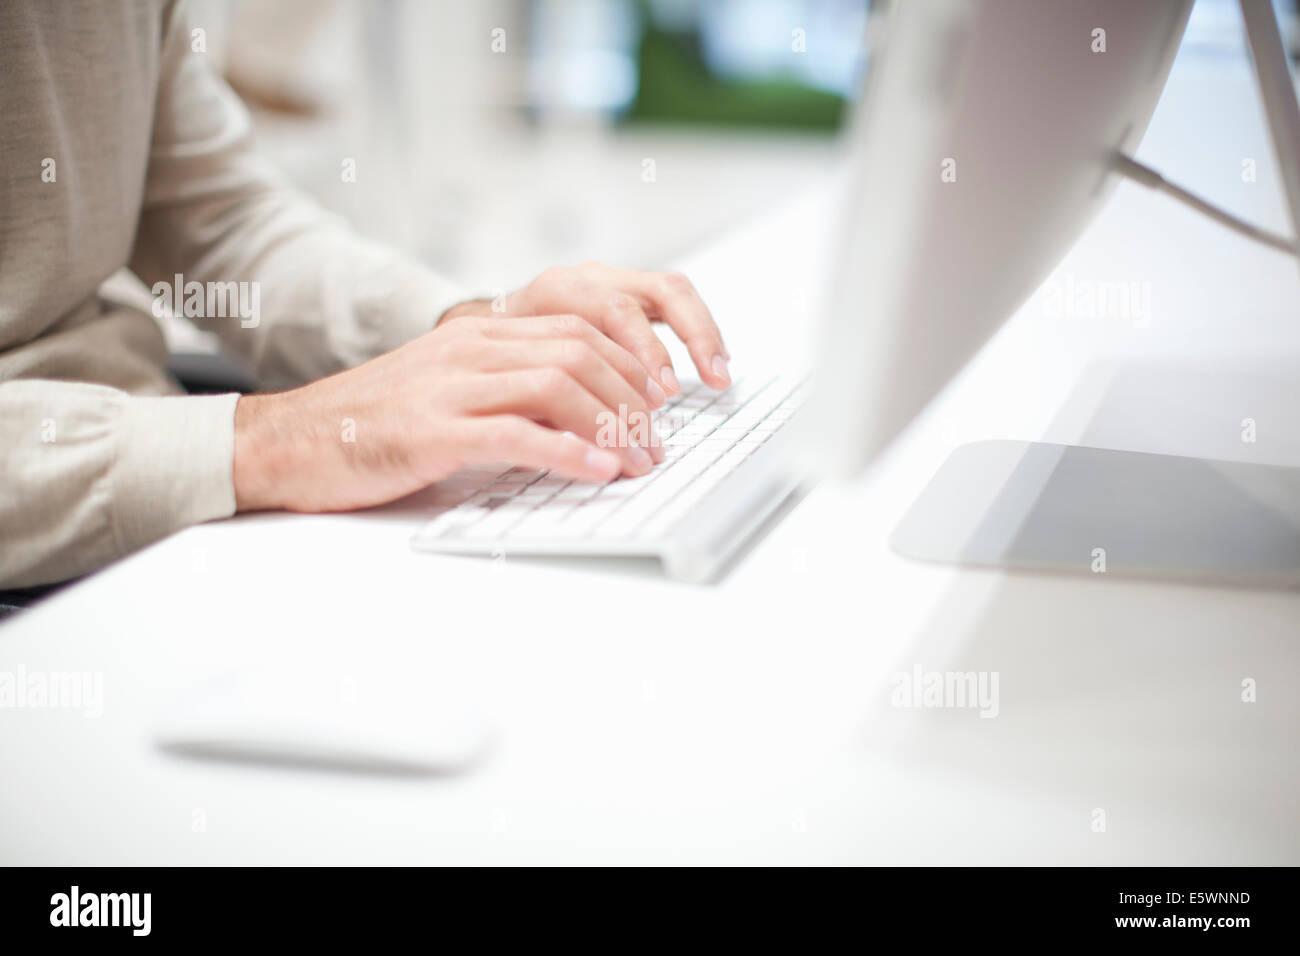 L'homme à l'aide du clavier de l'ordinateur, Close up Photo Stock